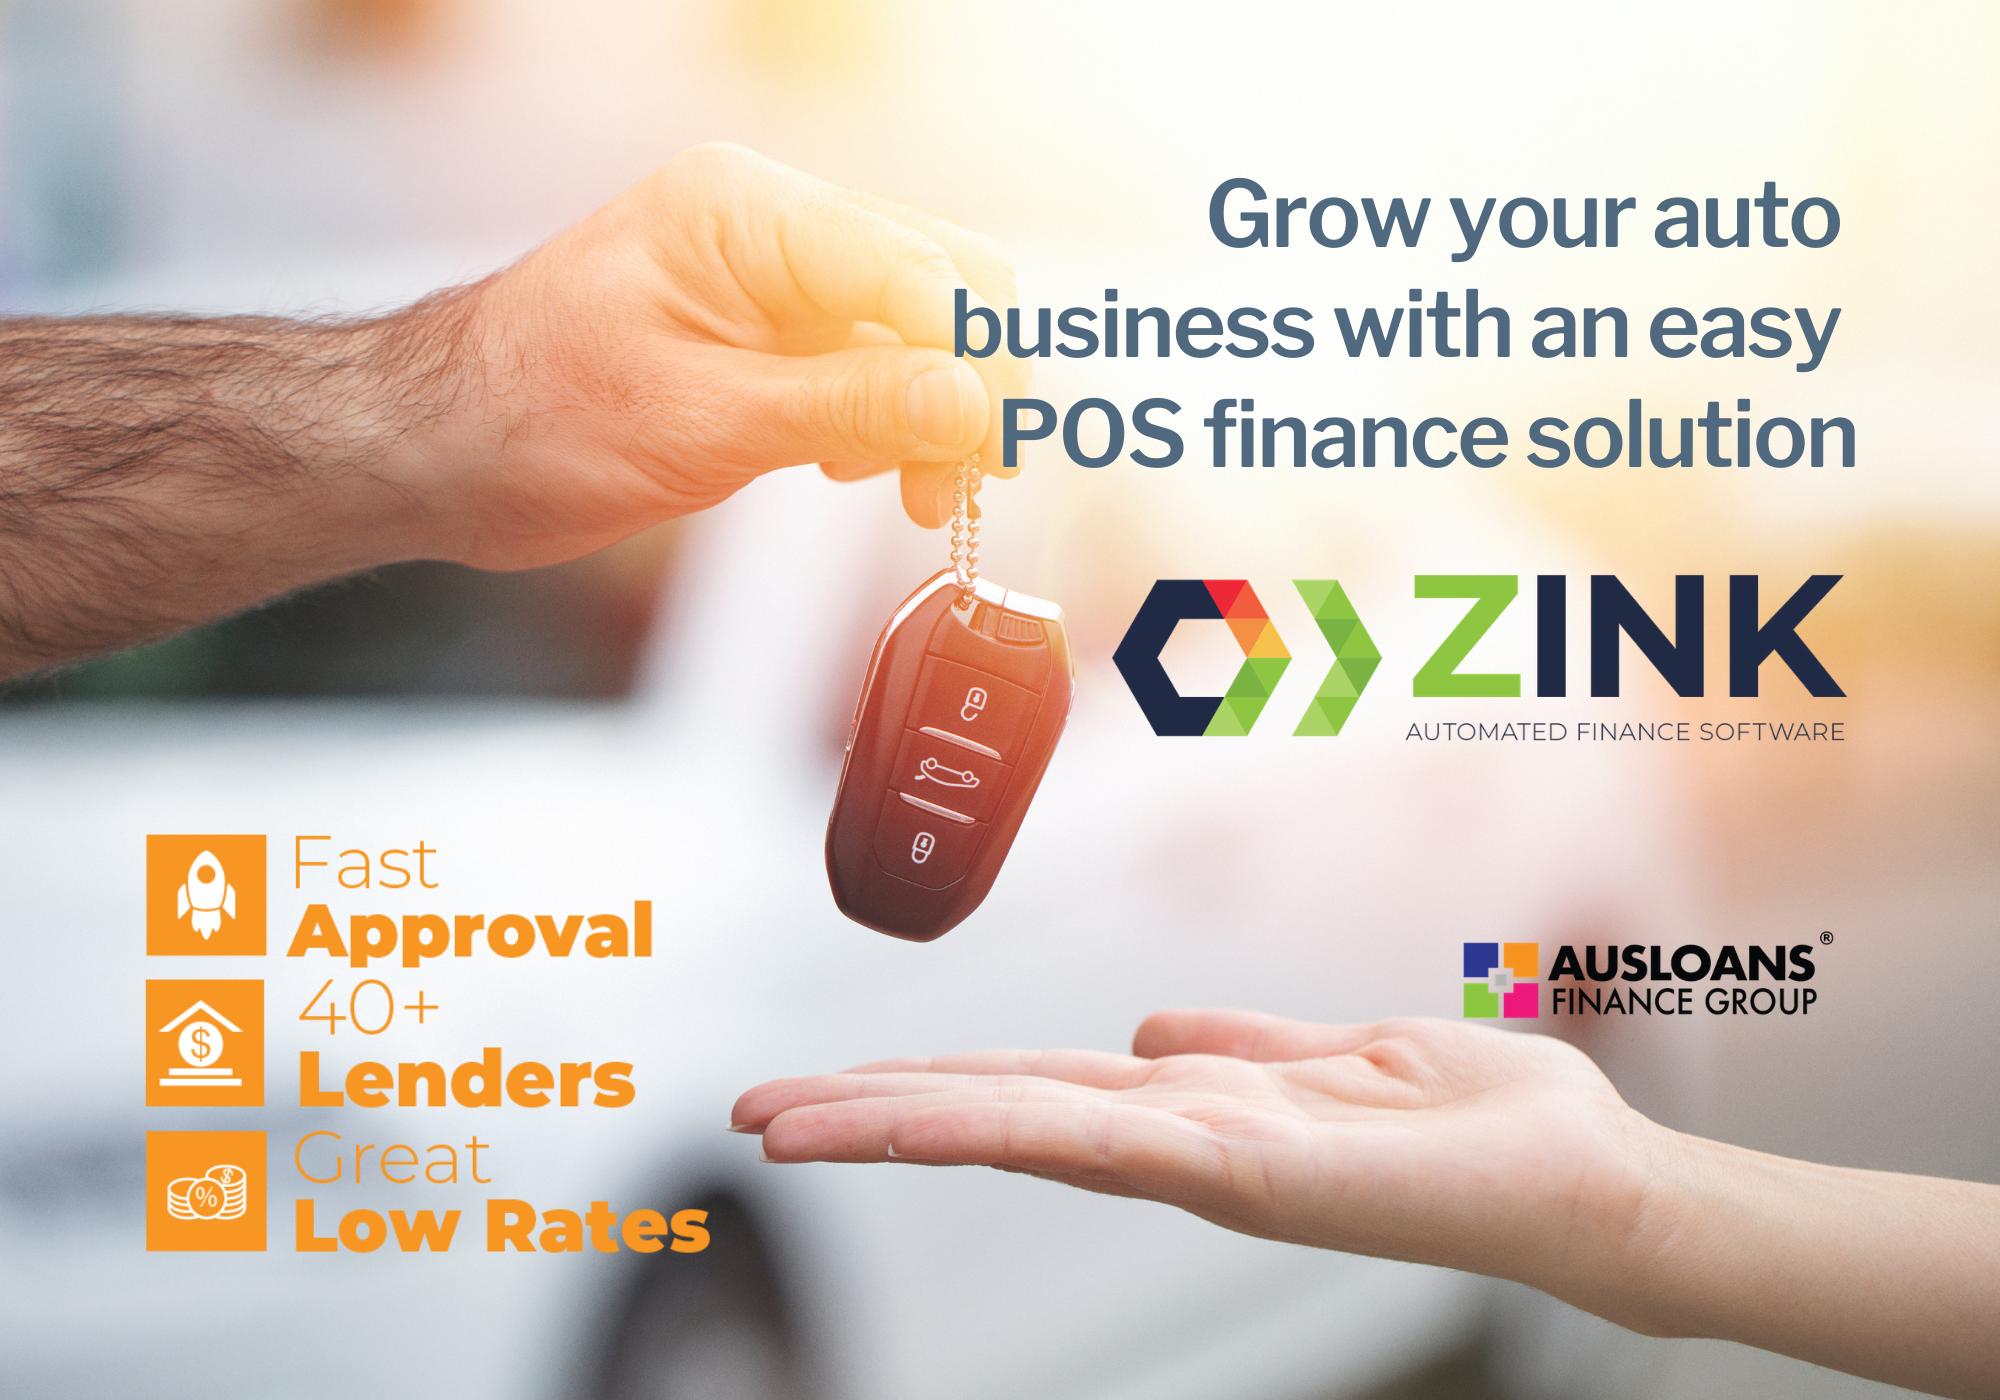 Ausloans marketing support broker 2